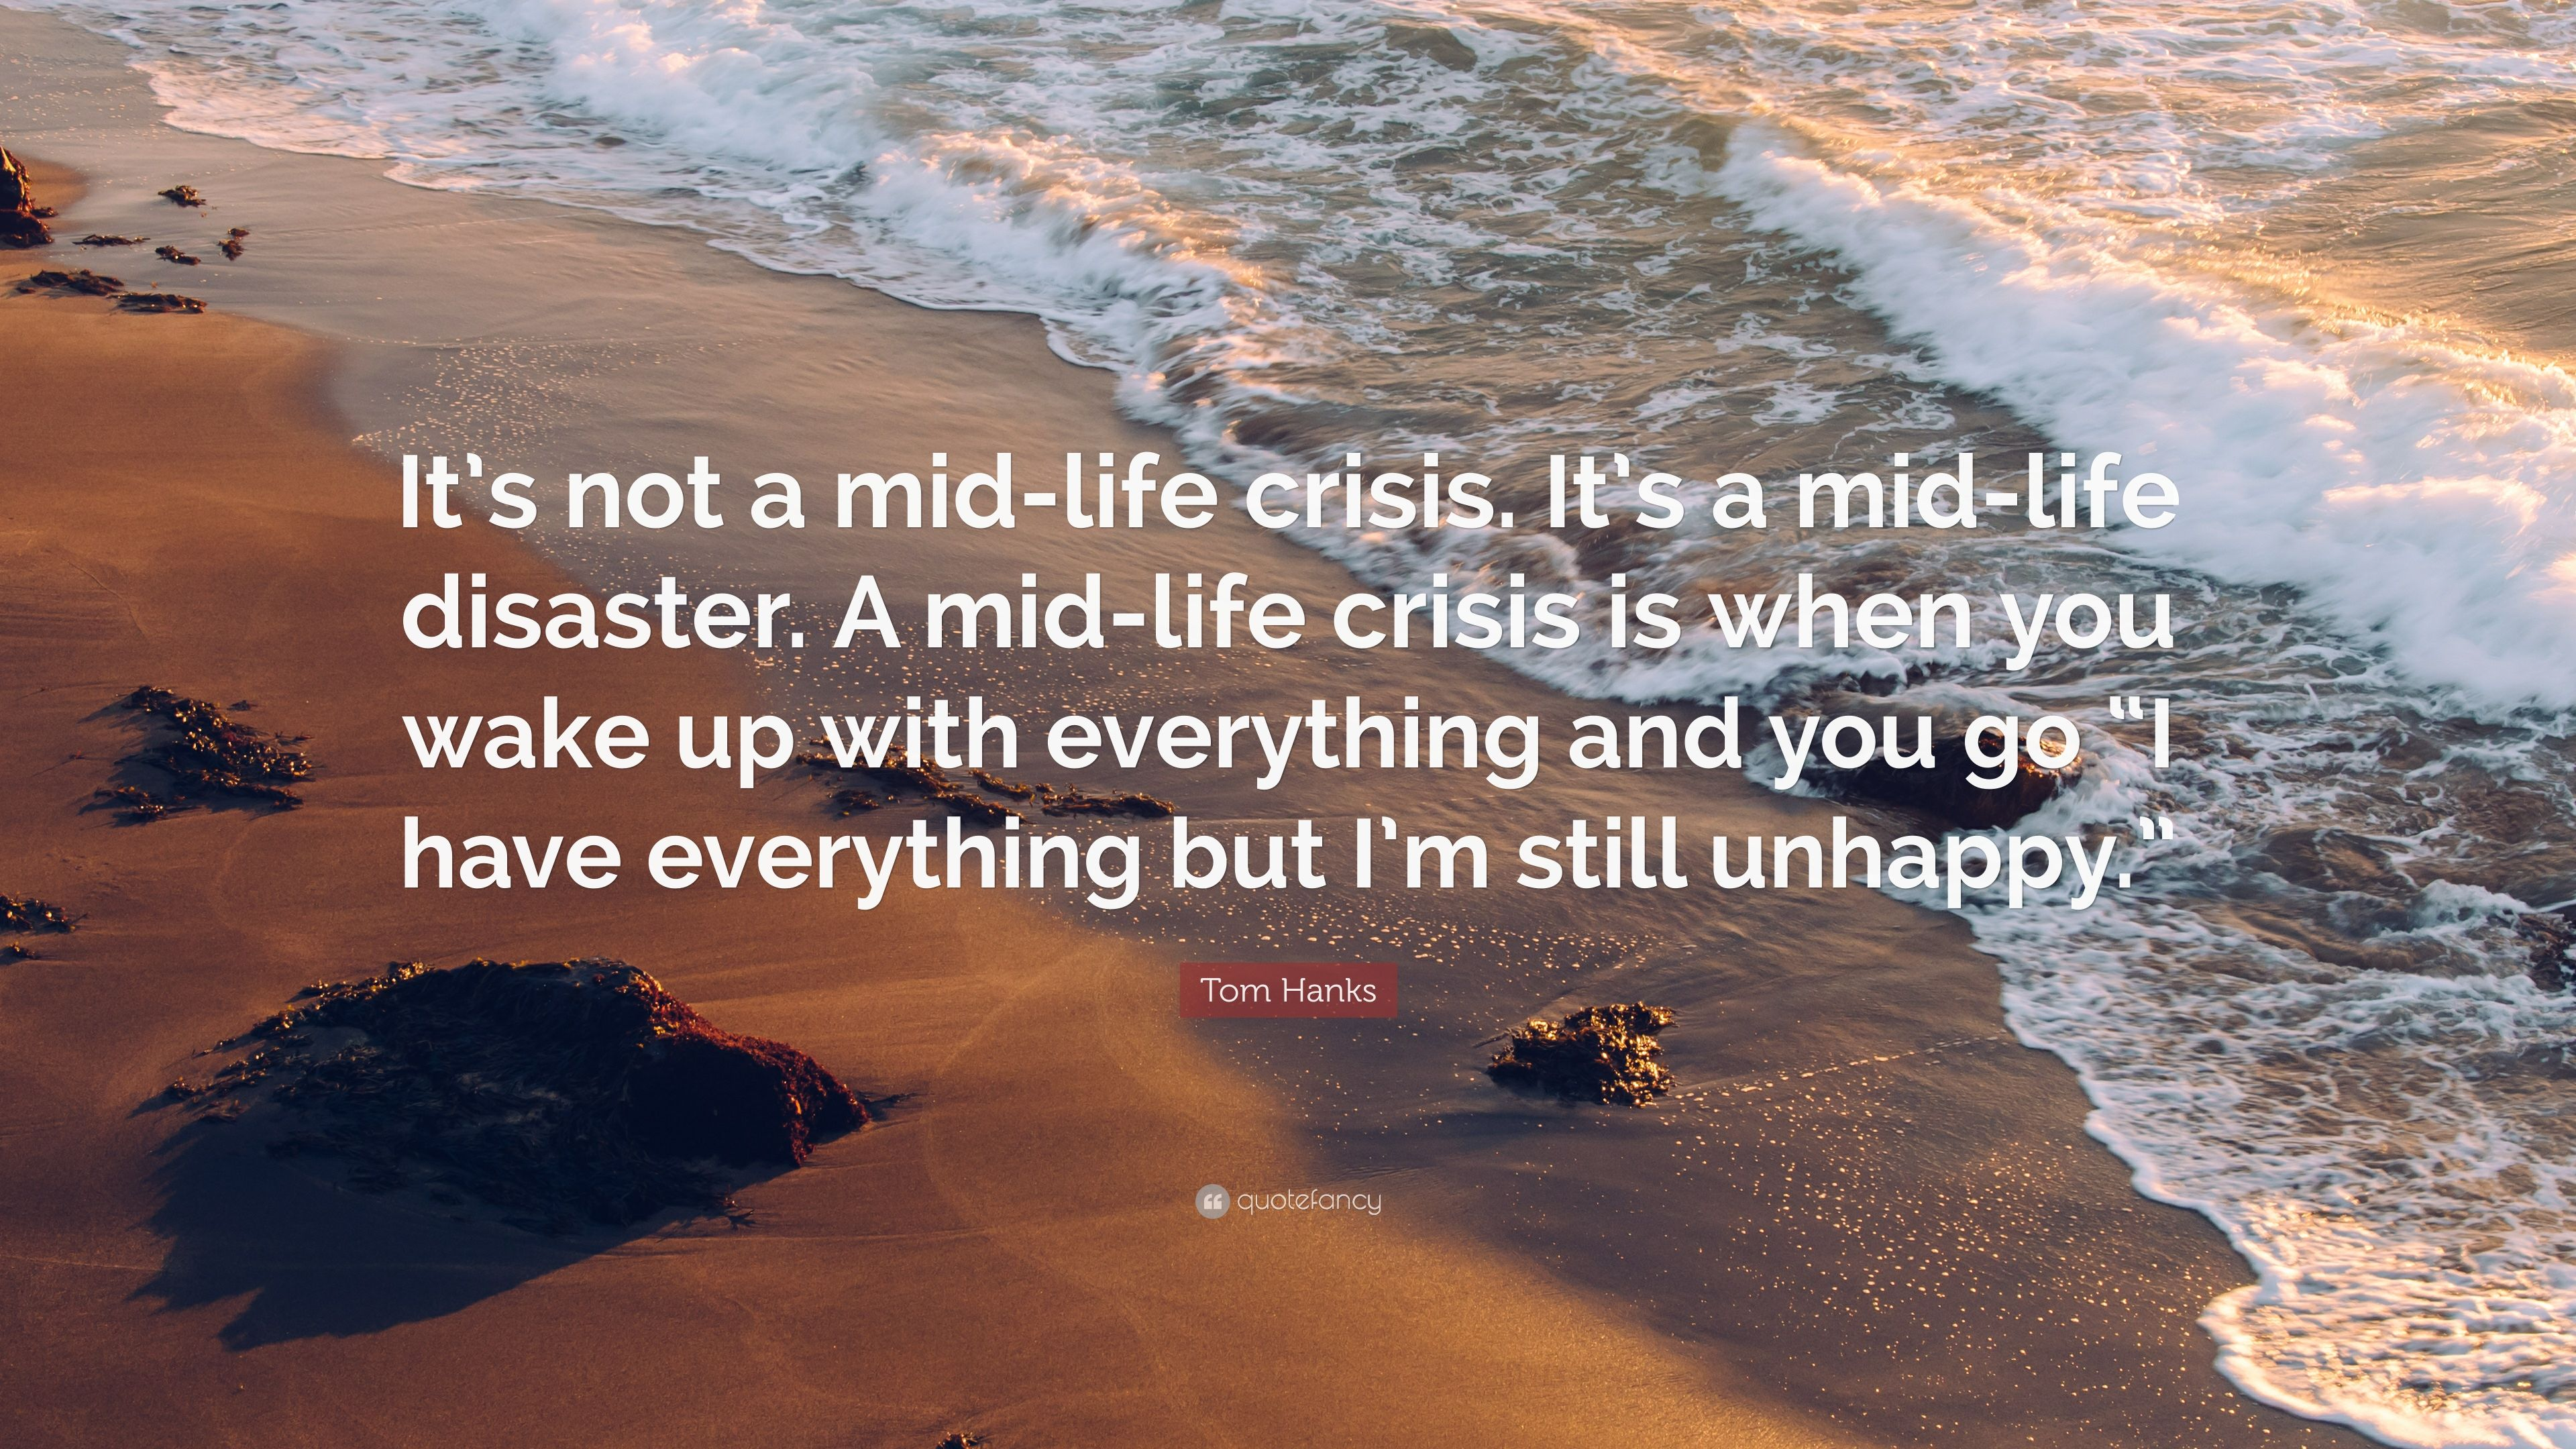 Midlife crisis wake up